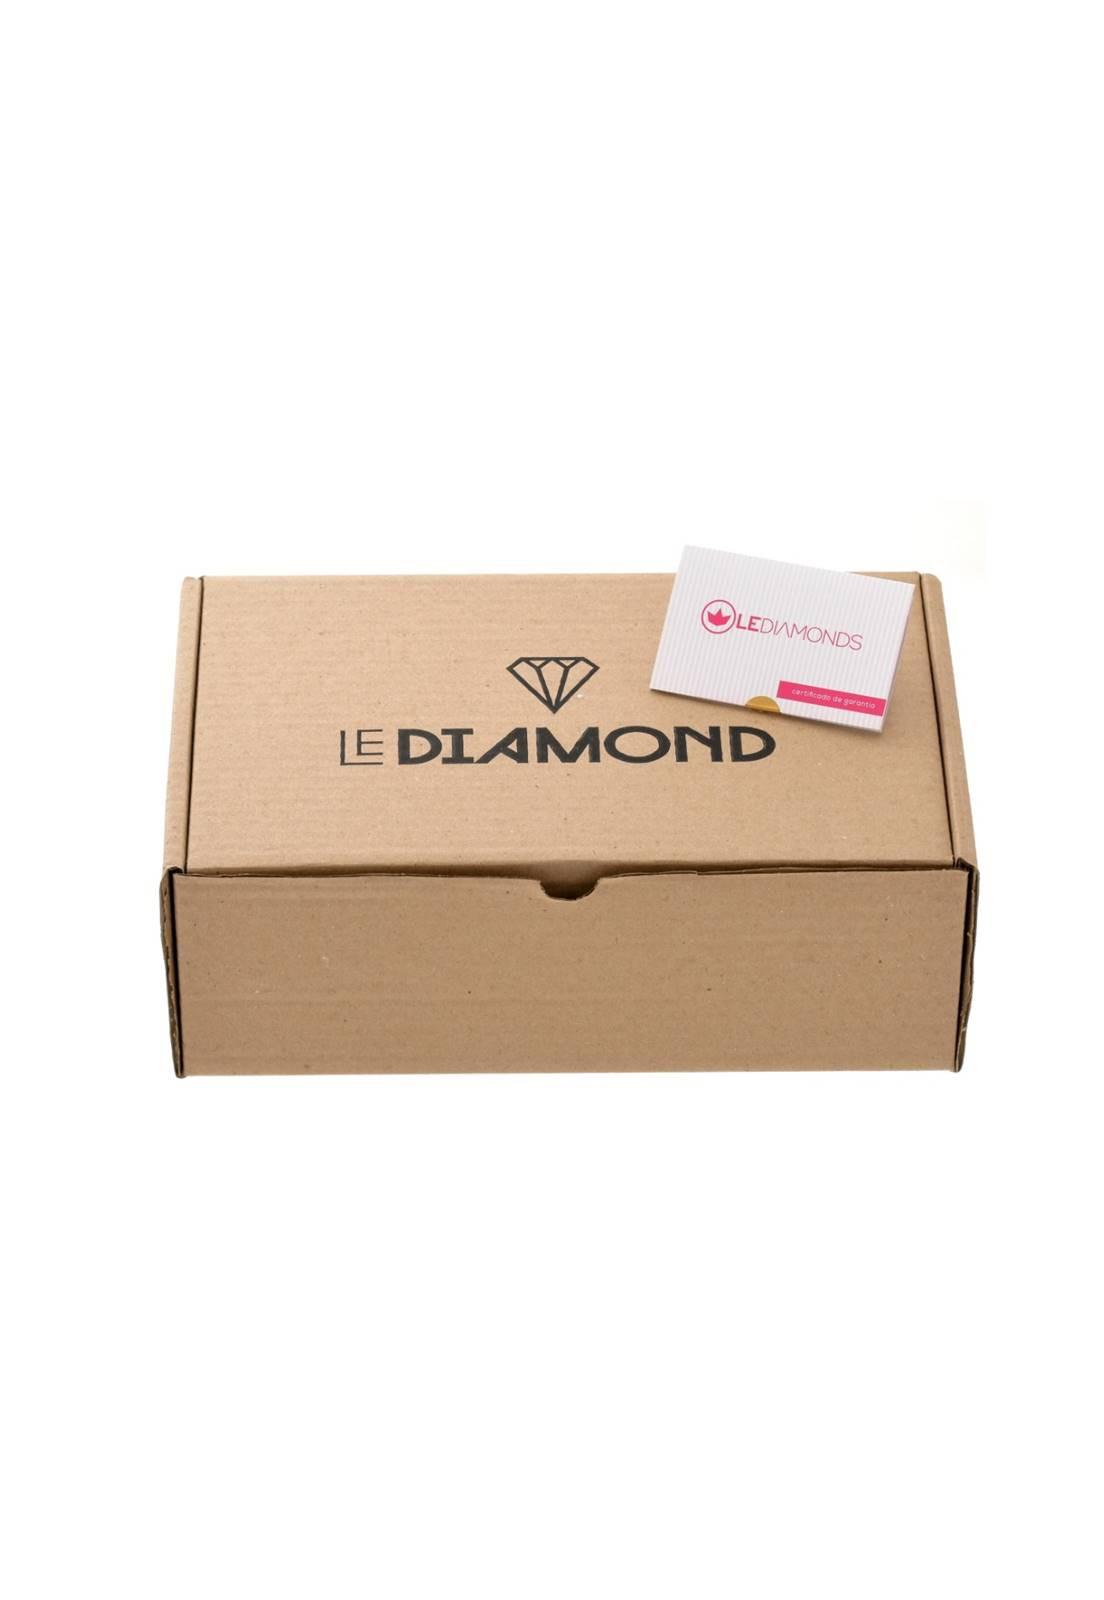 Brinco Le Diamond Cristal Lapidado e Macro Zircônia Prateado